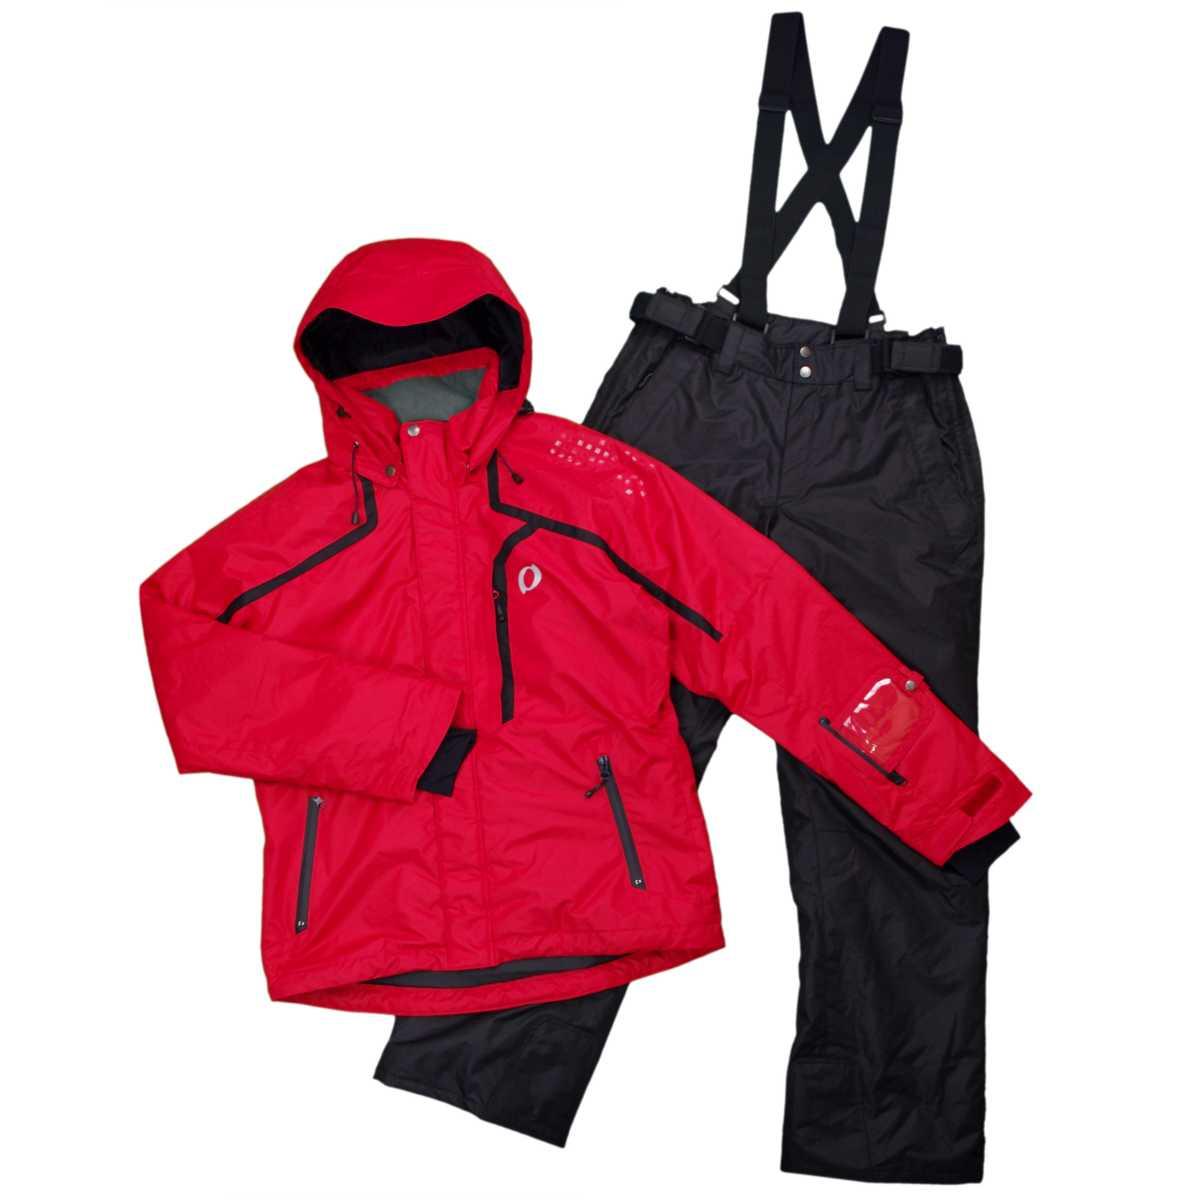 メンズ オンヨネ スキーウェア上下セット 耐水圧:10,000mm ライン配色切替 ウエア サンプル品 (レッド/ブラック Lサイズ) メンズ スキーウェア 全5色